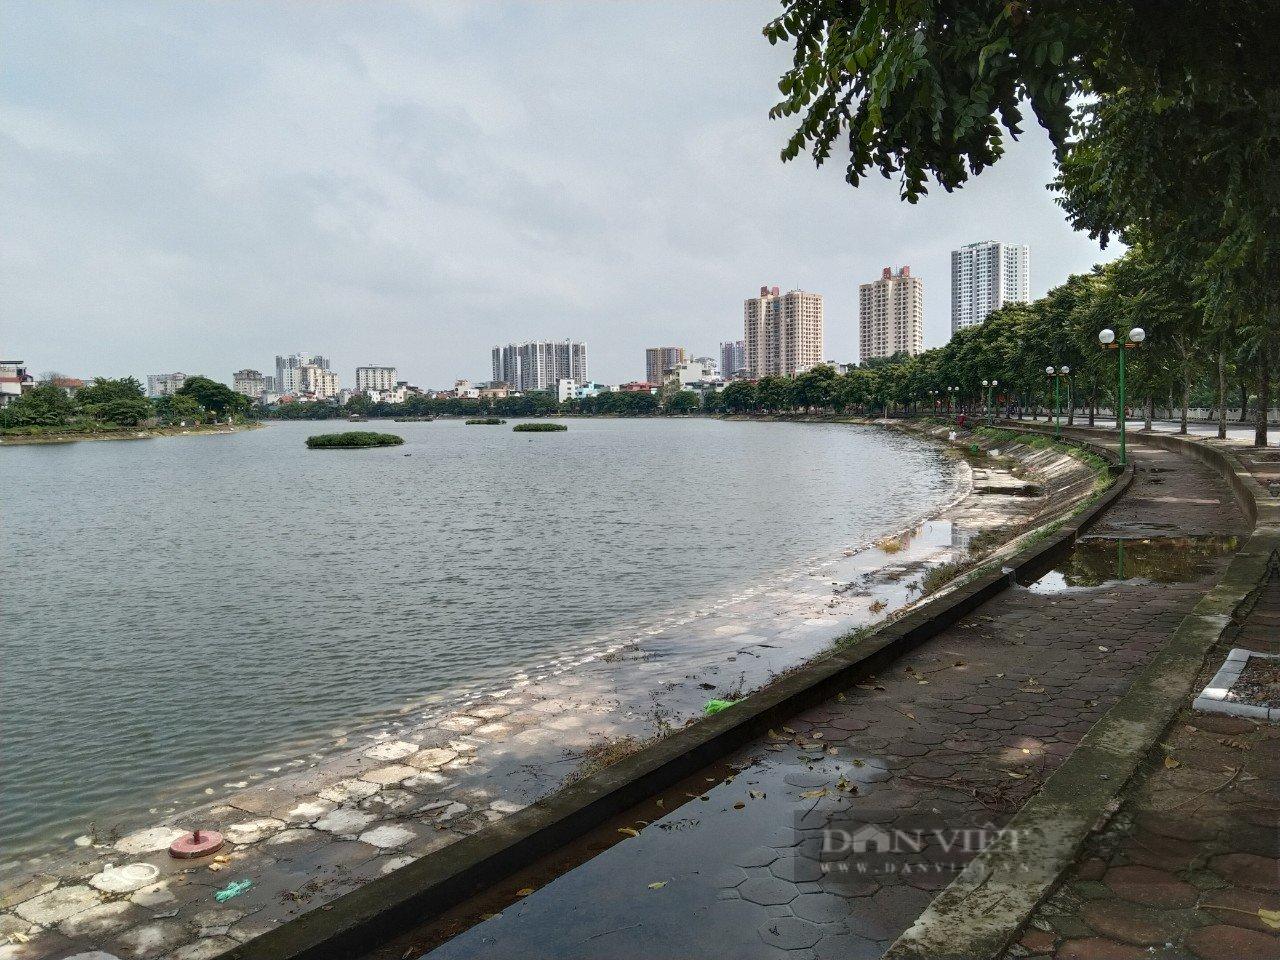 Hà Nội: Hàng trăm người câu cá tại hồ Định Công, ai chịu trách nhiệm? - Ảnh 3.